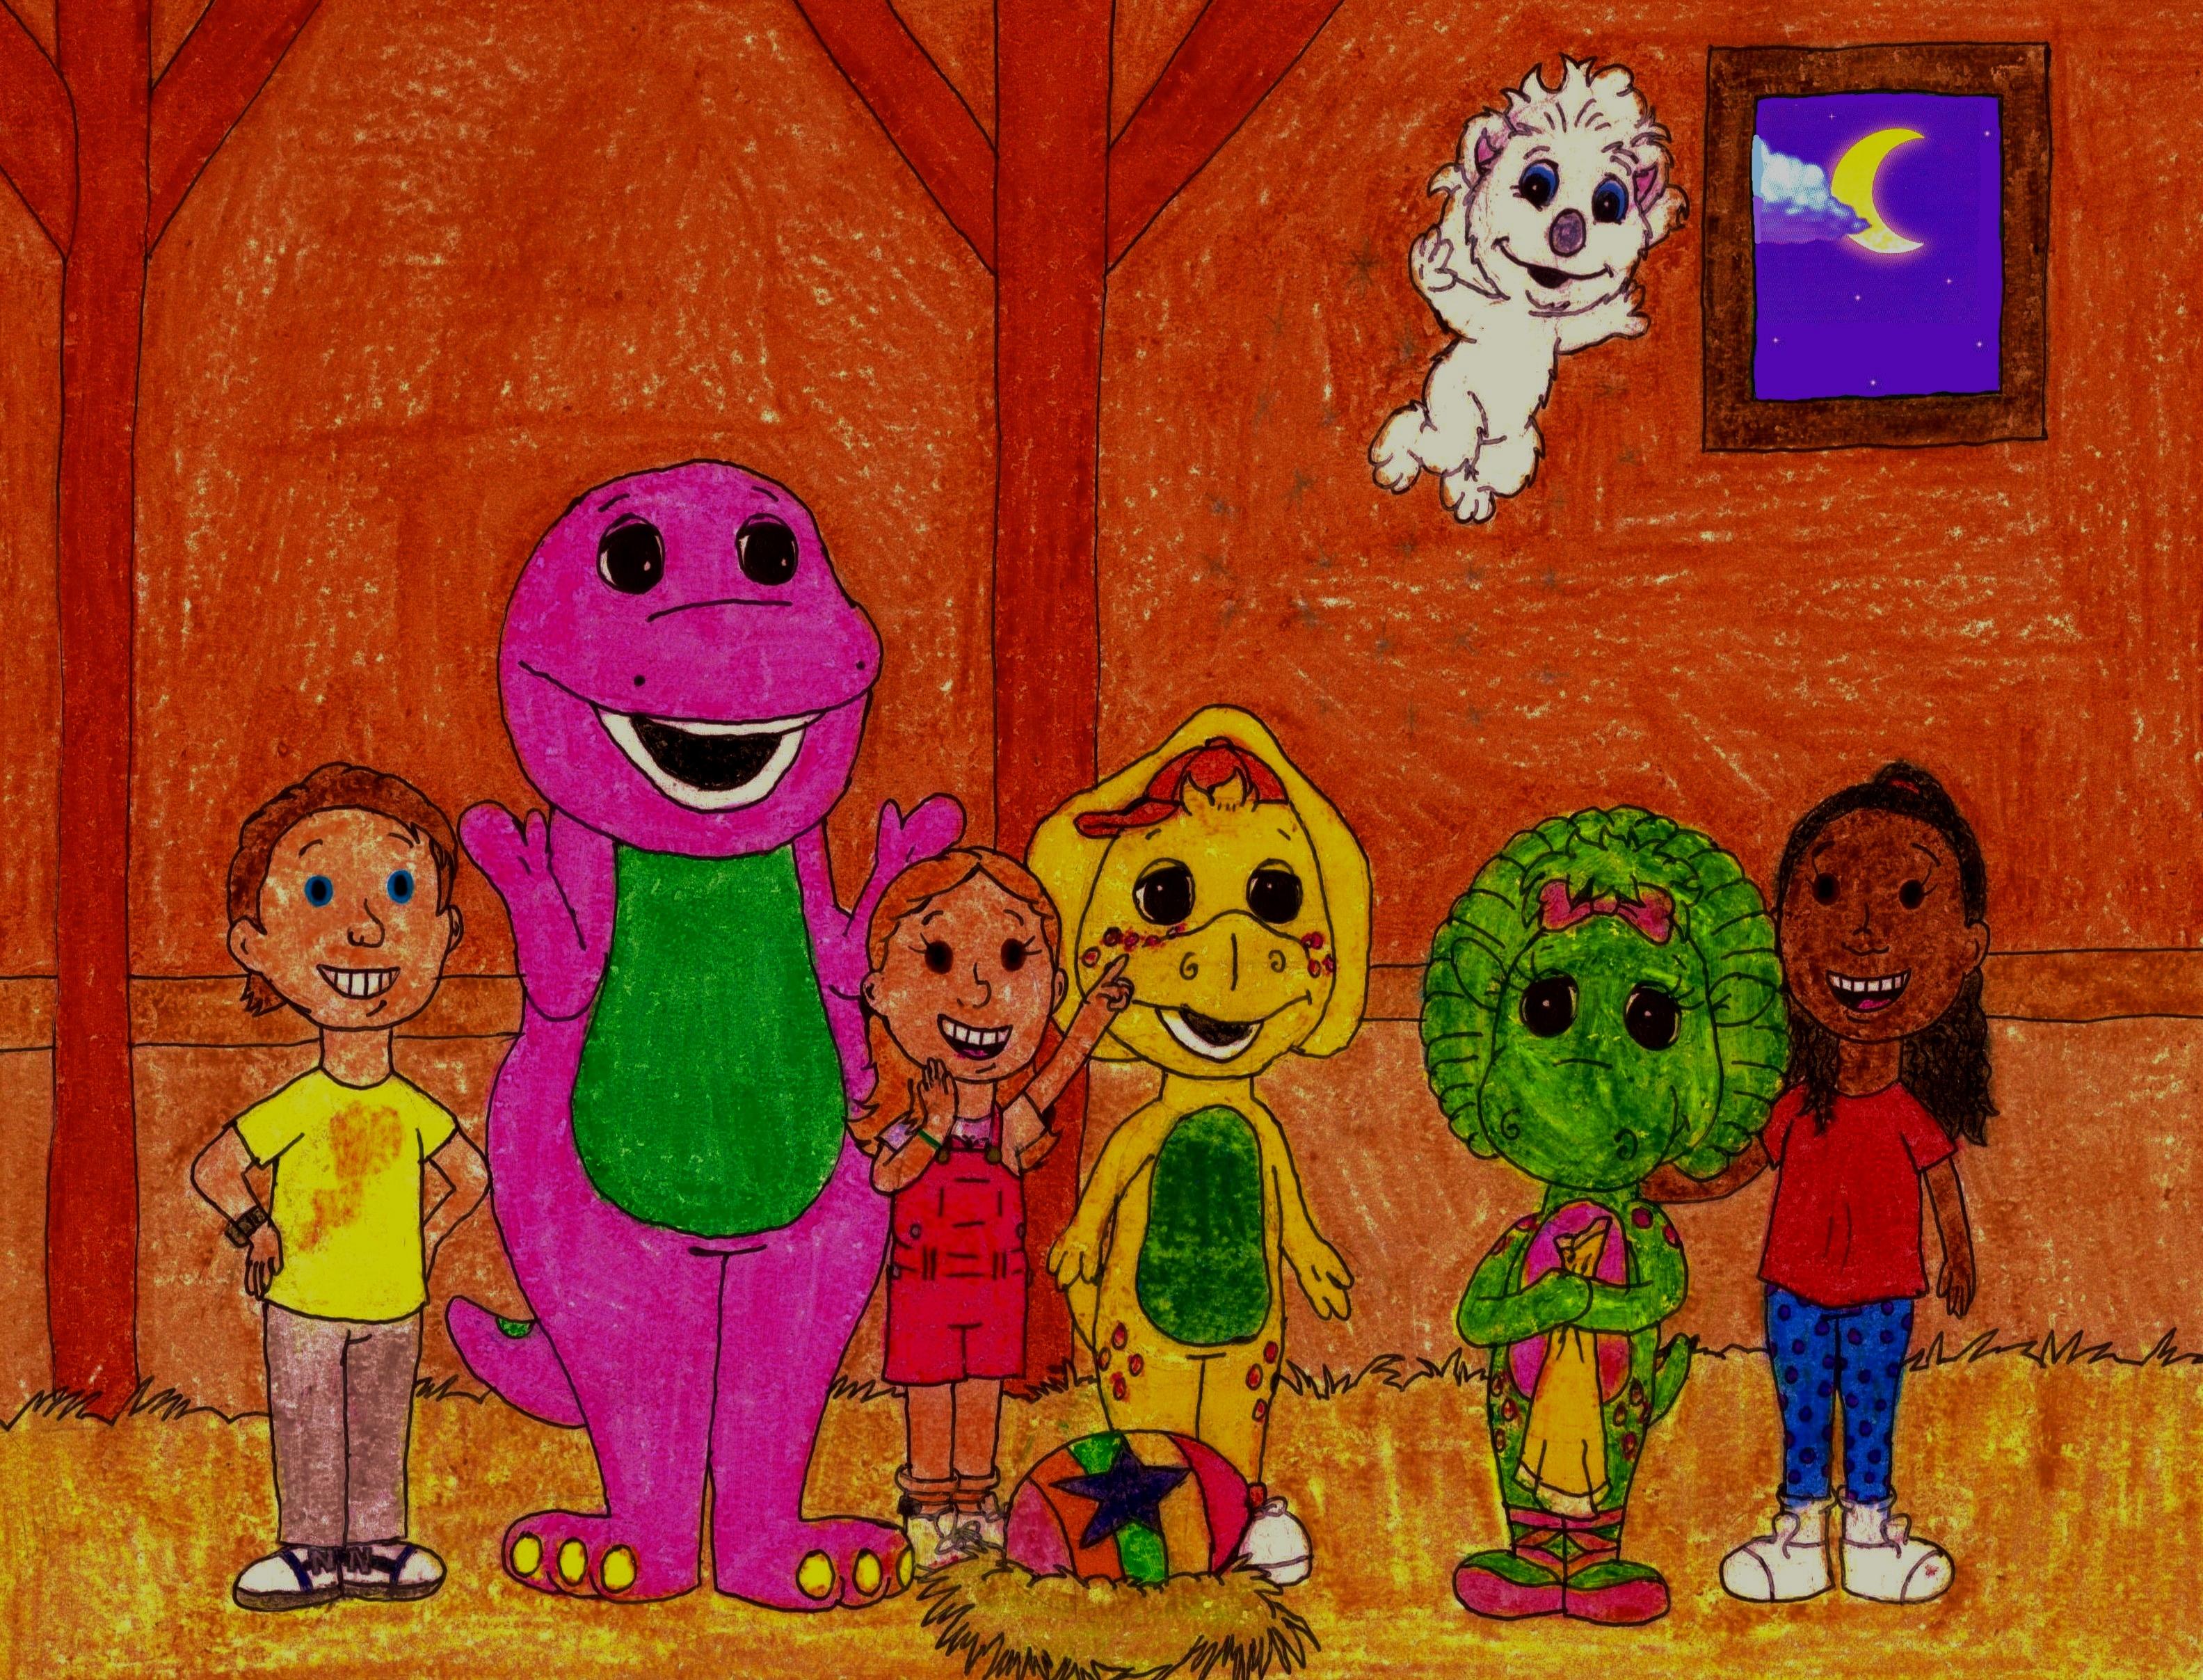 barney and friends with twinken by bestbarneyfan on deviantart